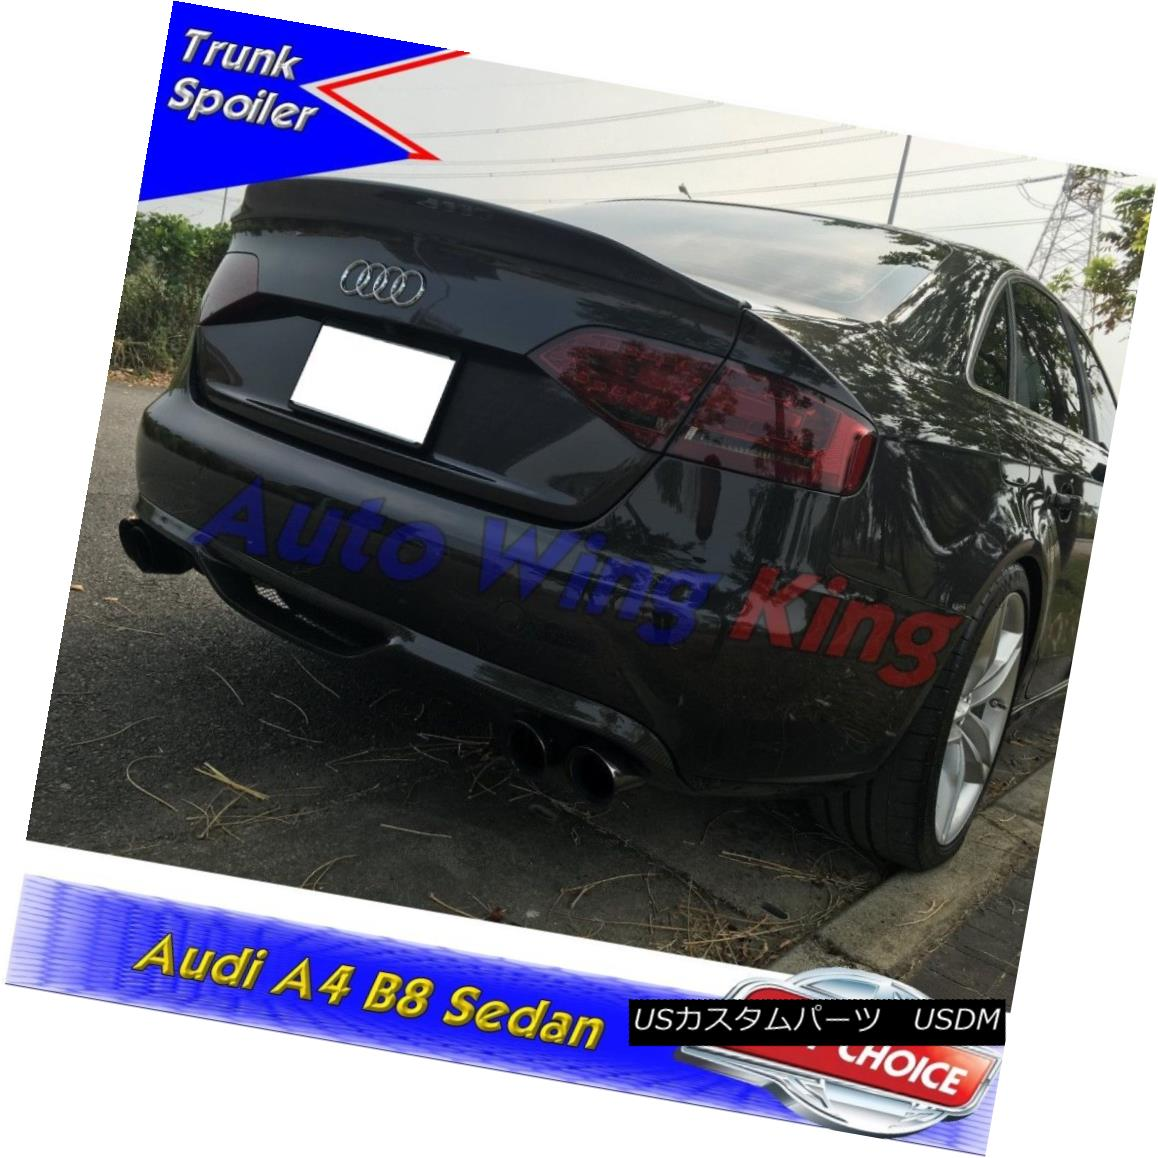 エアロパーツ PAINTED ABS C STYLE REAR TRUNK SPOILER WING FOR 2009~2011 AUDI A4 B8 SEDAN ? 塗装ABS Cスタイルリアトゥインクスポイラーウイング2009?2011 AUDI A4 B8 SEDAN?